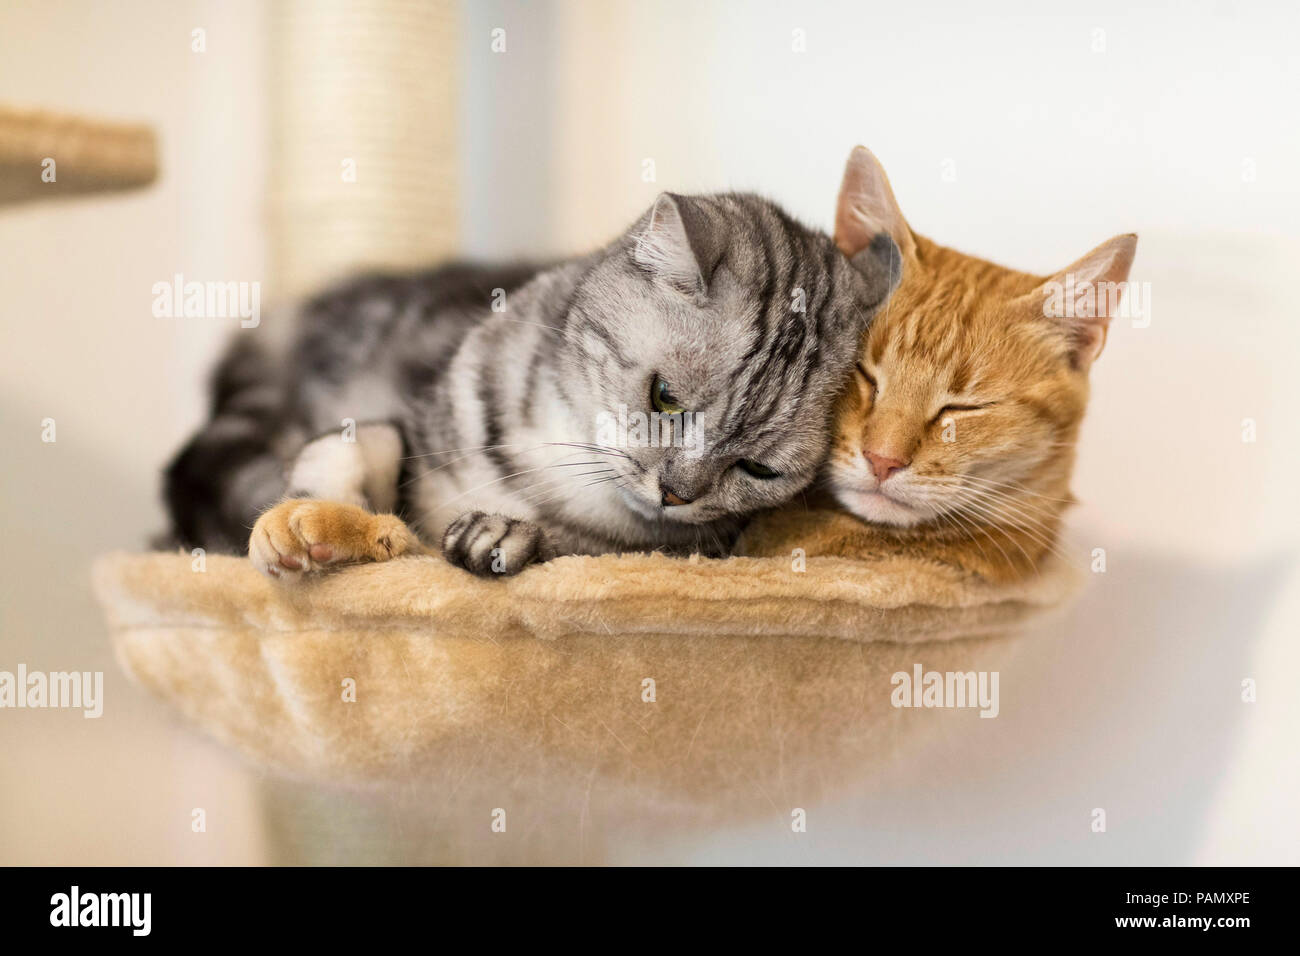 British Shorthair y gato doméstico. Dos gatos adultos tumbados uno junto al otro en una cama de mascota. Alemania . Imagen De Stock